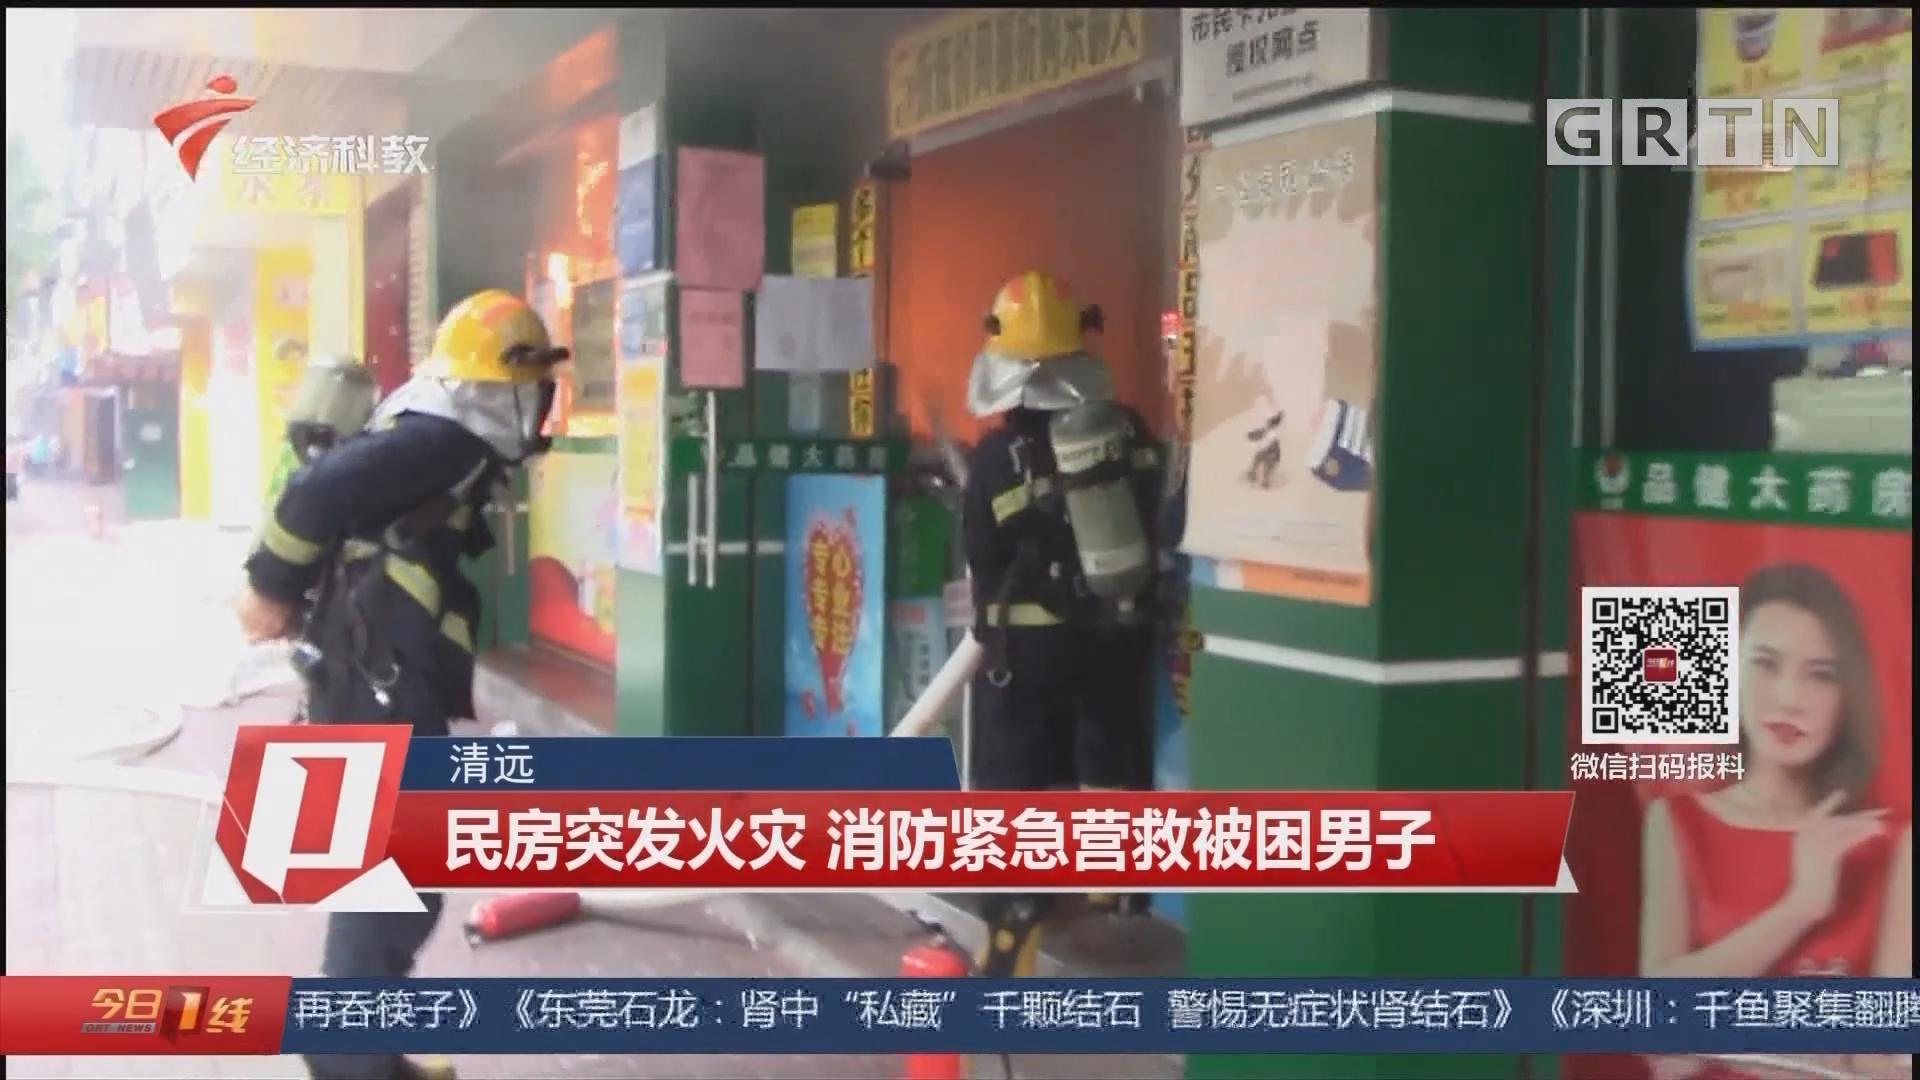 清遠 民房突發火災 消防緊急營救被困男子